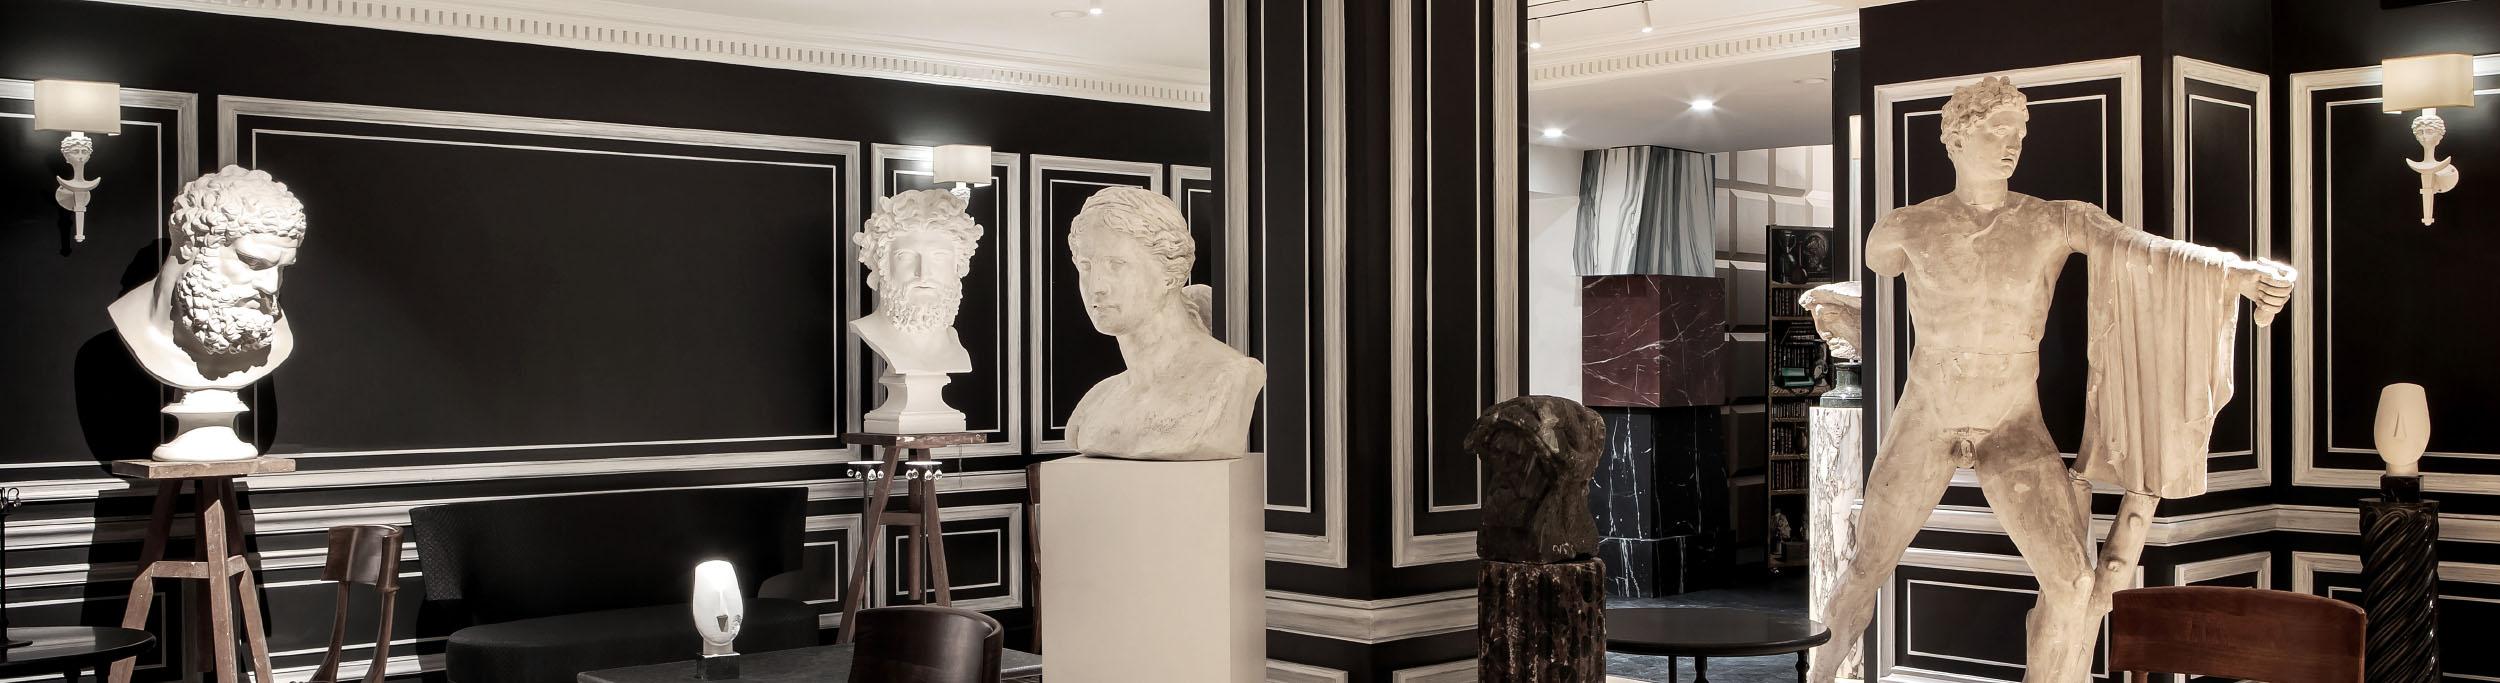 Large sculptures and statues for interior design – Decorative art ideas | Atelier de moulages du Louvre